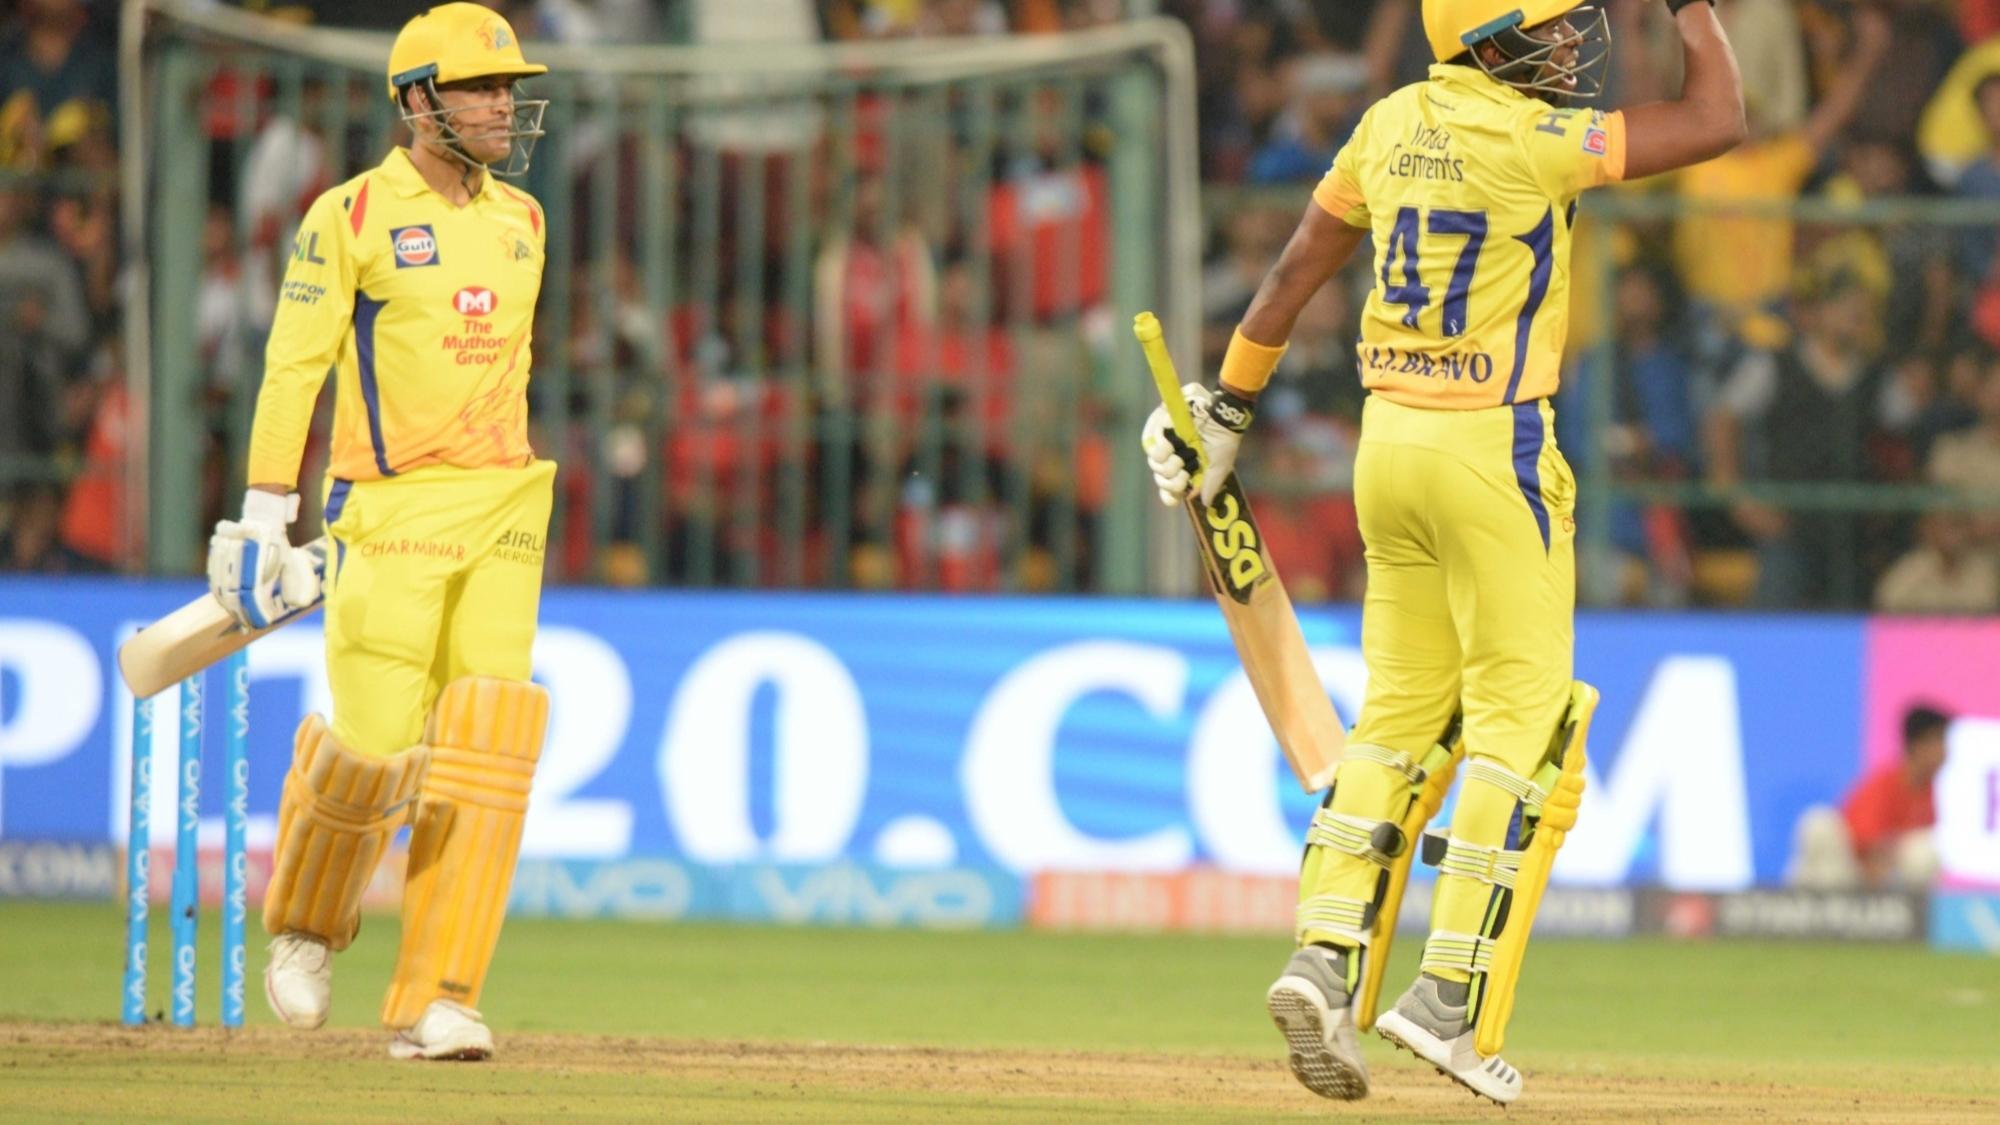 IPL 2018 : एमएस धोनी की पारी पर कोच स्टीफन फ्लेमिंग ने किया ये बड़ा खुलासा